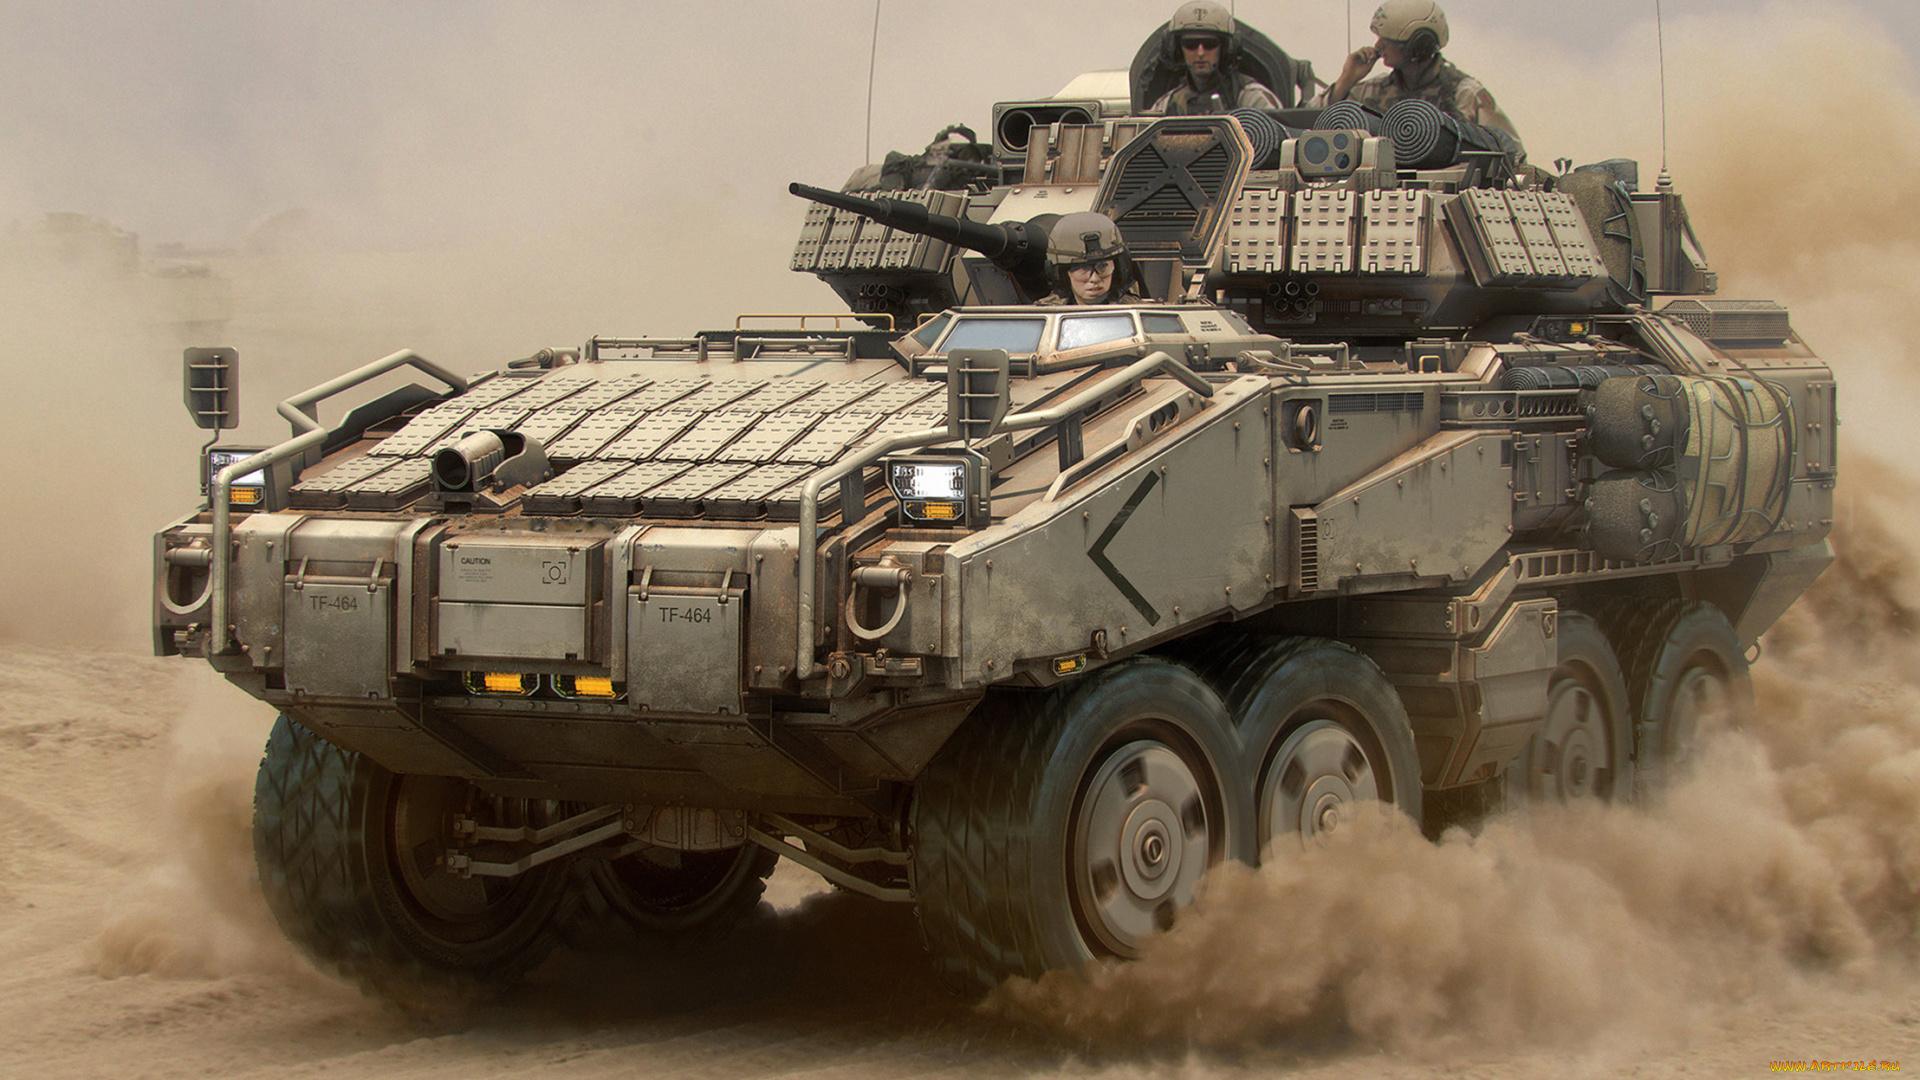 колокол фото военной техники будущего колонии строгого